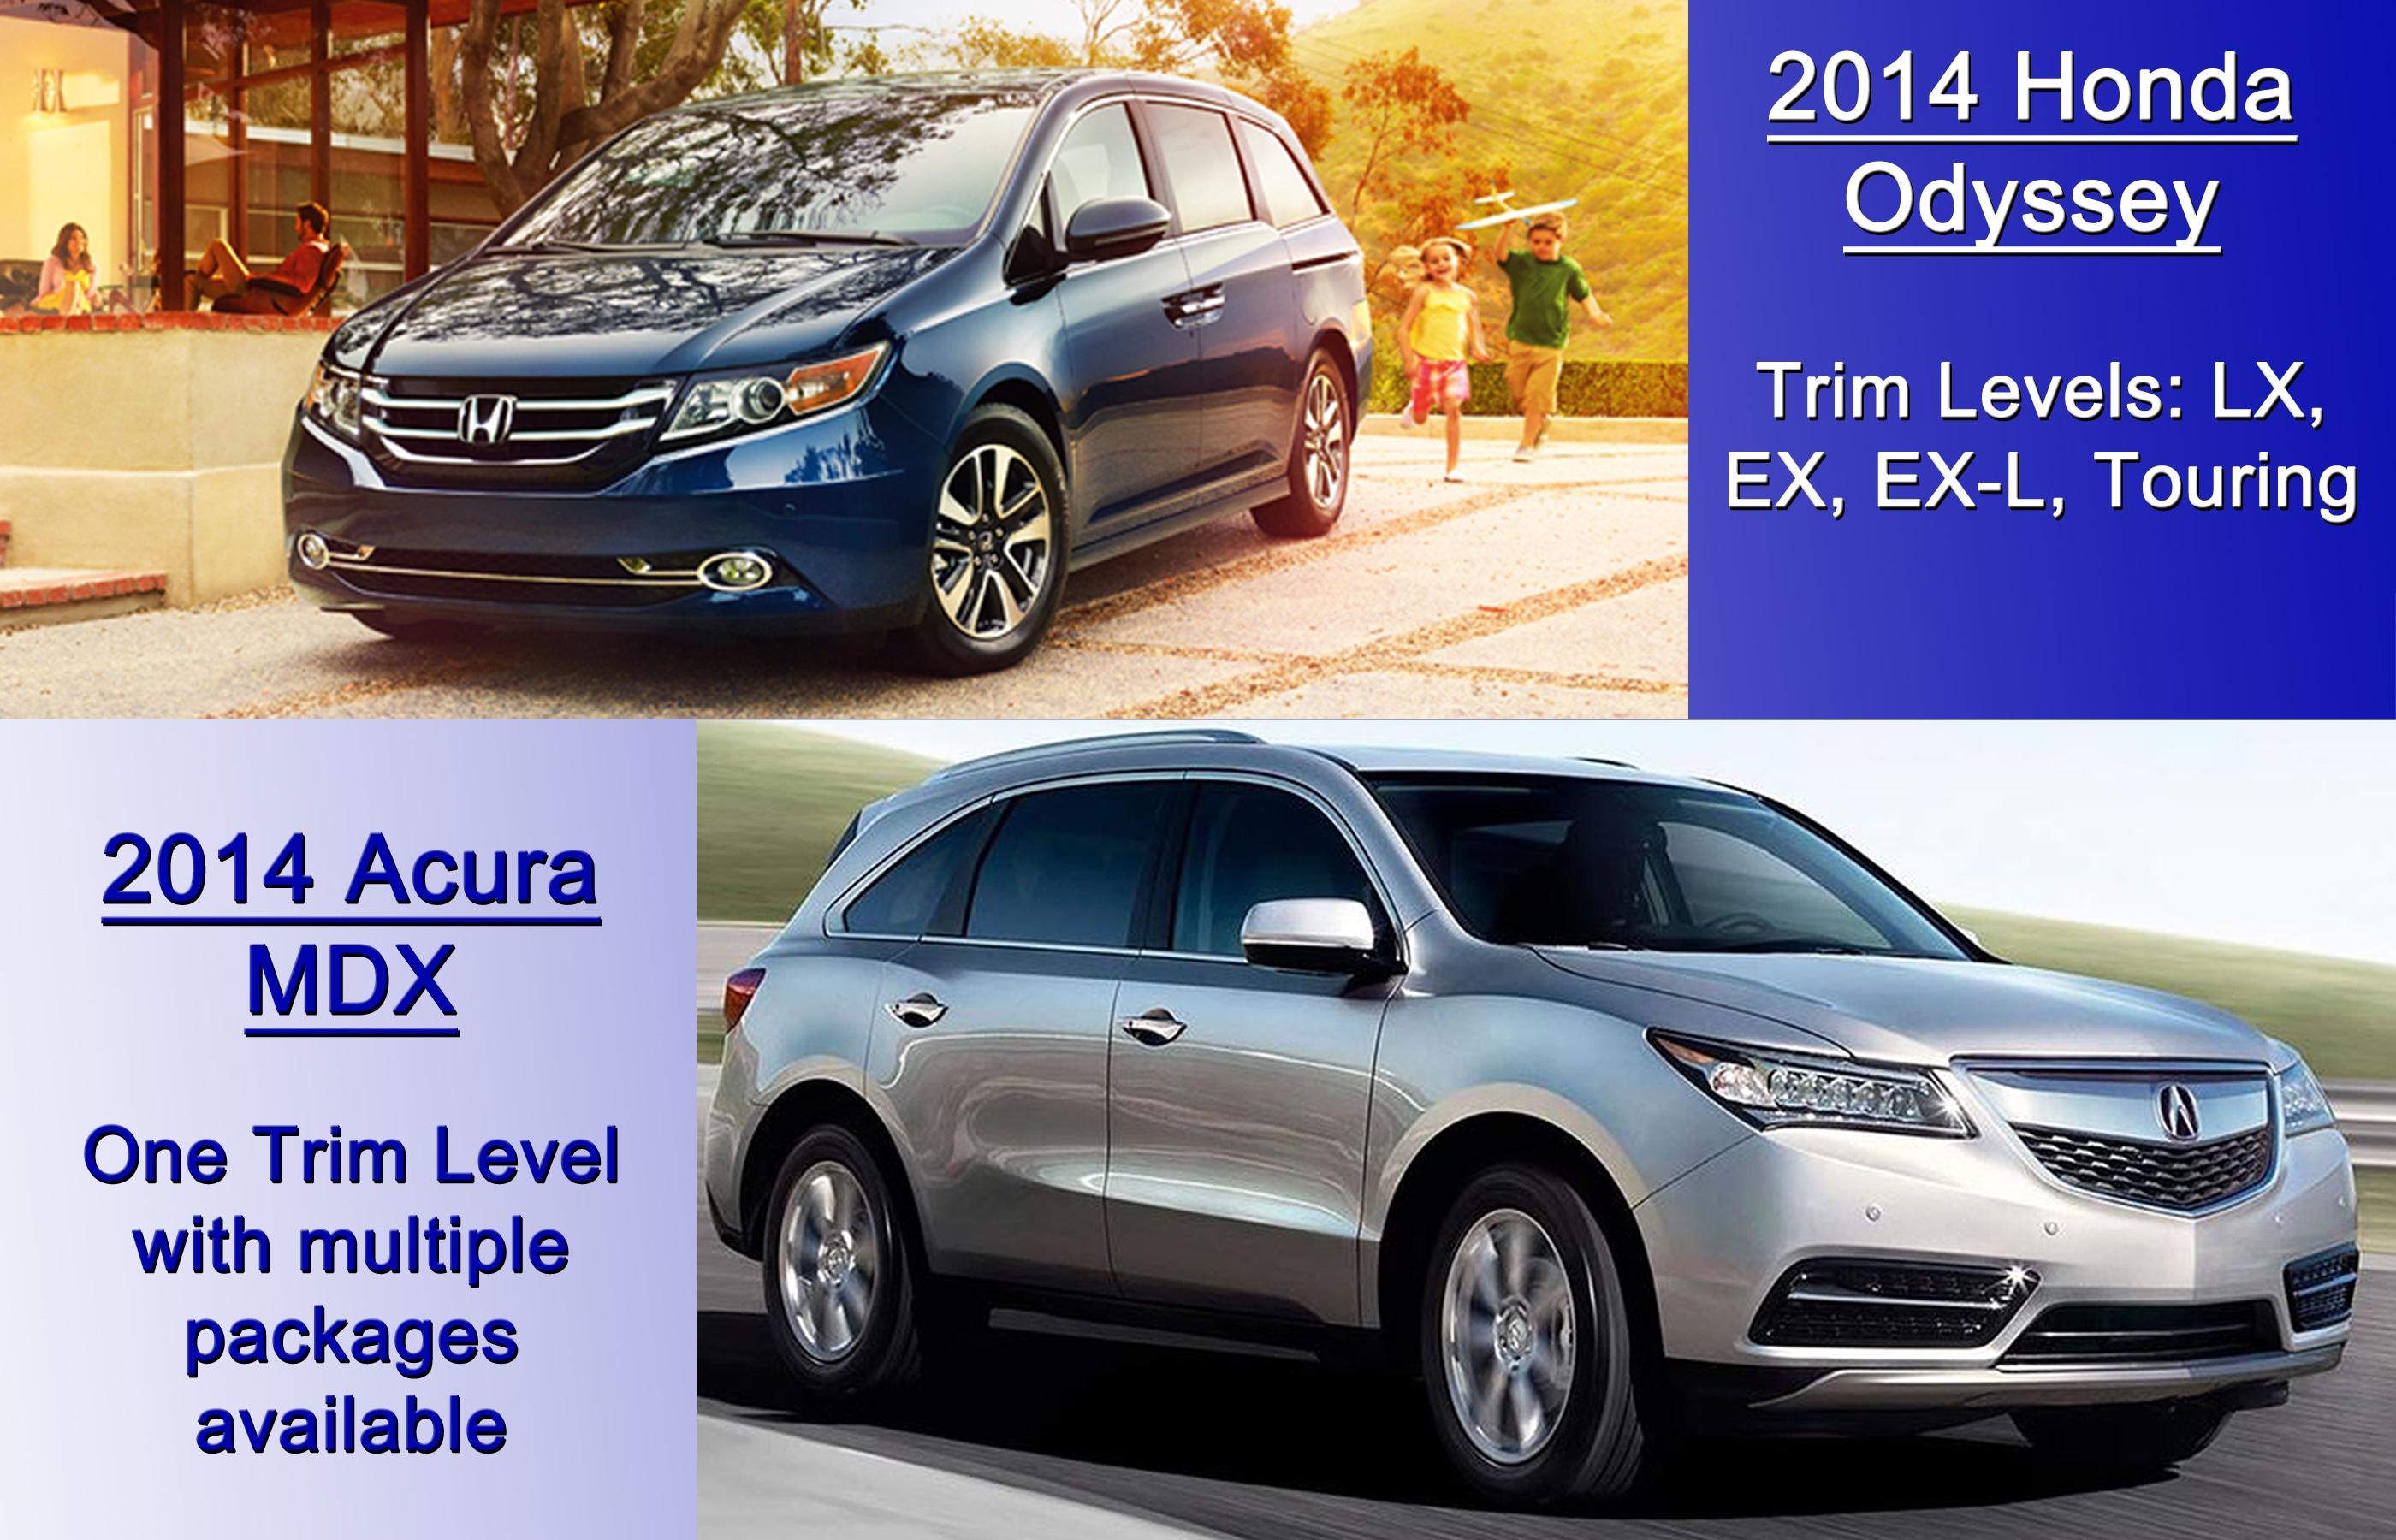 2014 Honda Odyssey Vs 2014 Acura MDX